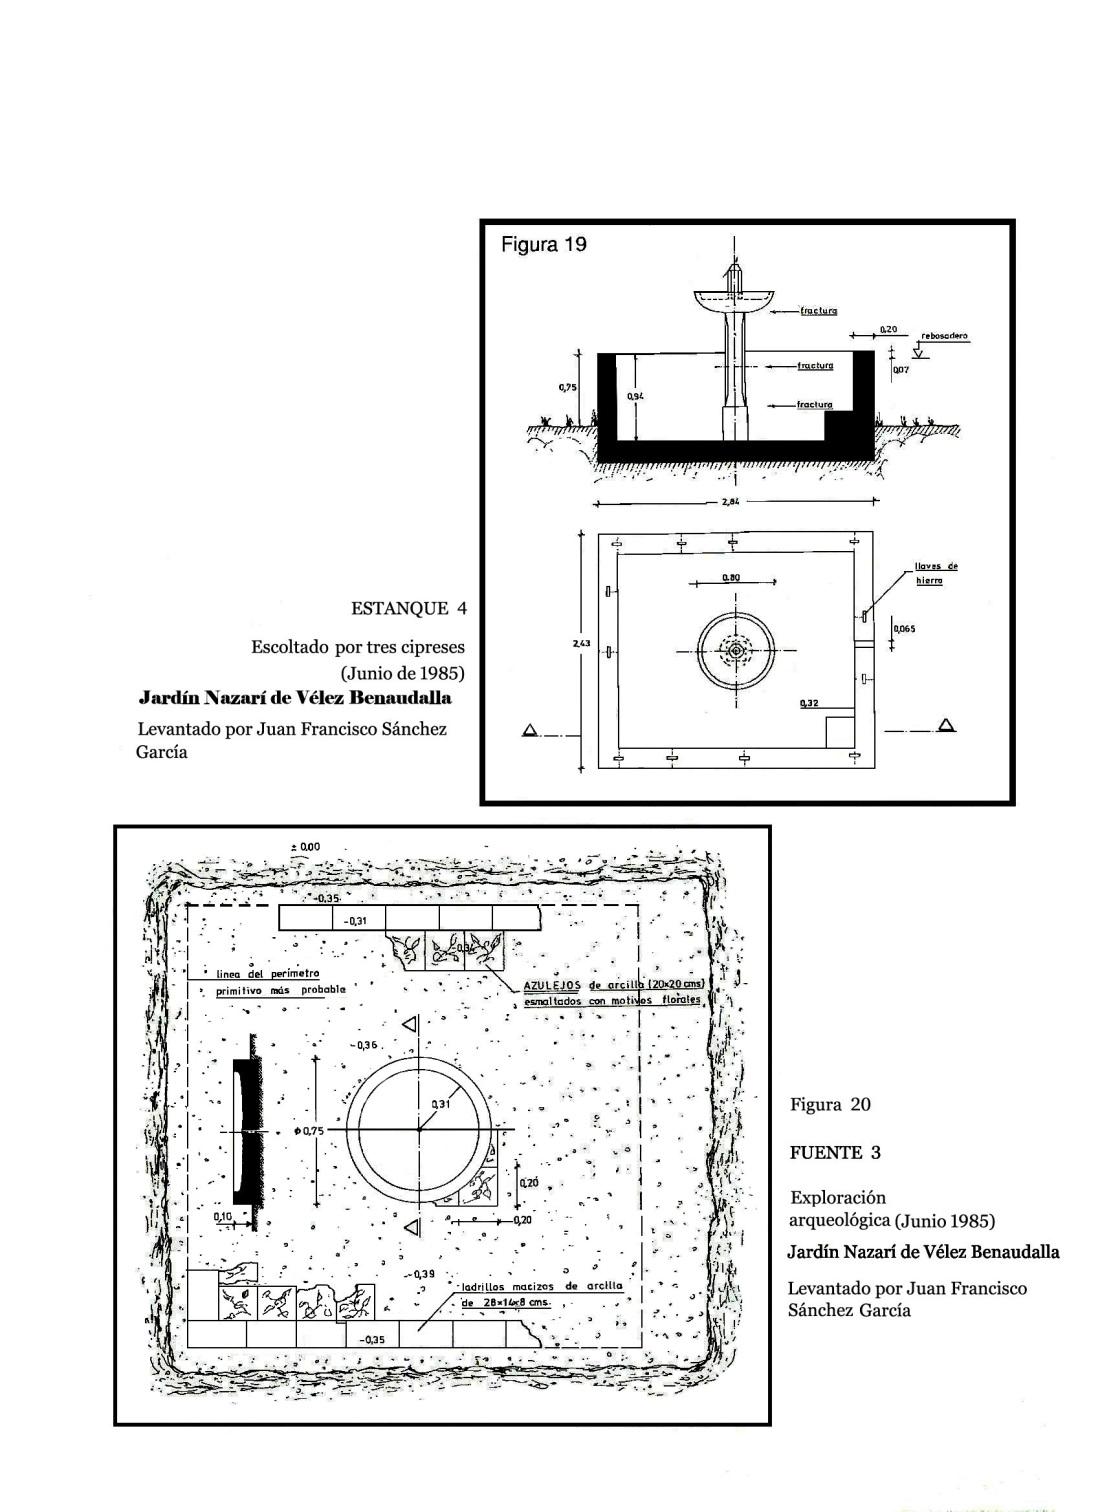 19 20VÉLEZ BENAUDALLA PLANOS Figura 19 y 20 listo 1 SECCIÓN FUENTES 2 copia